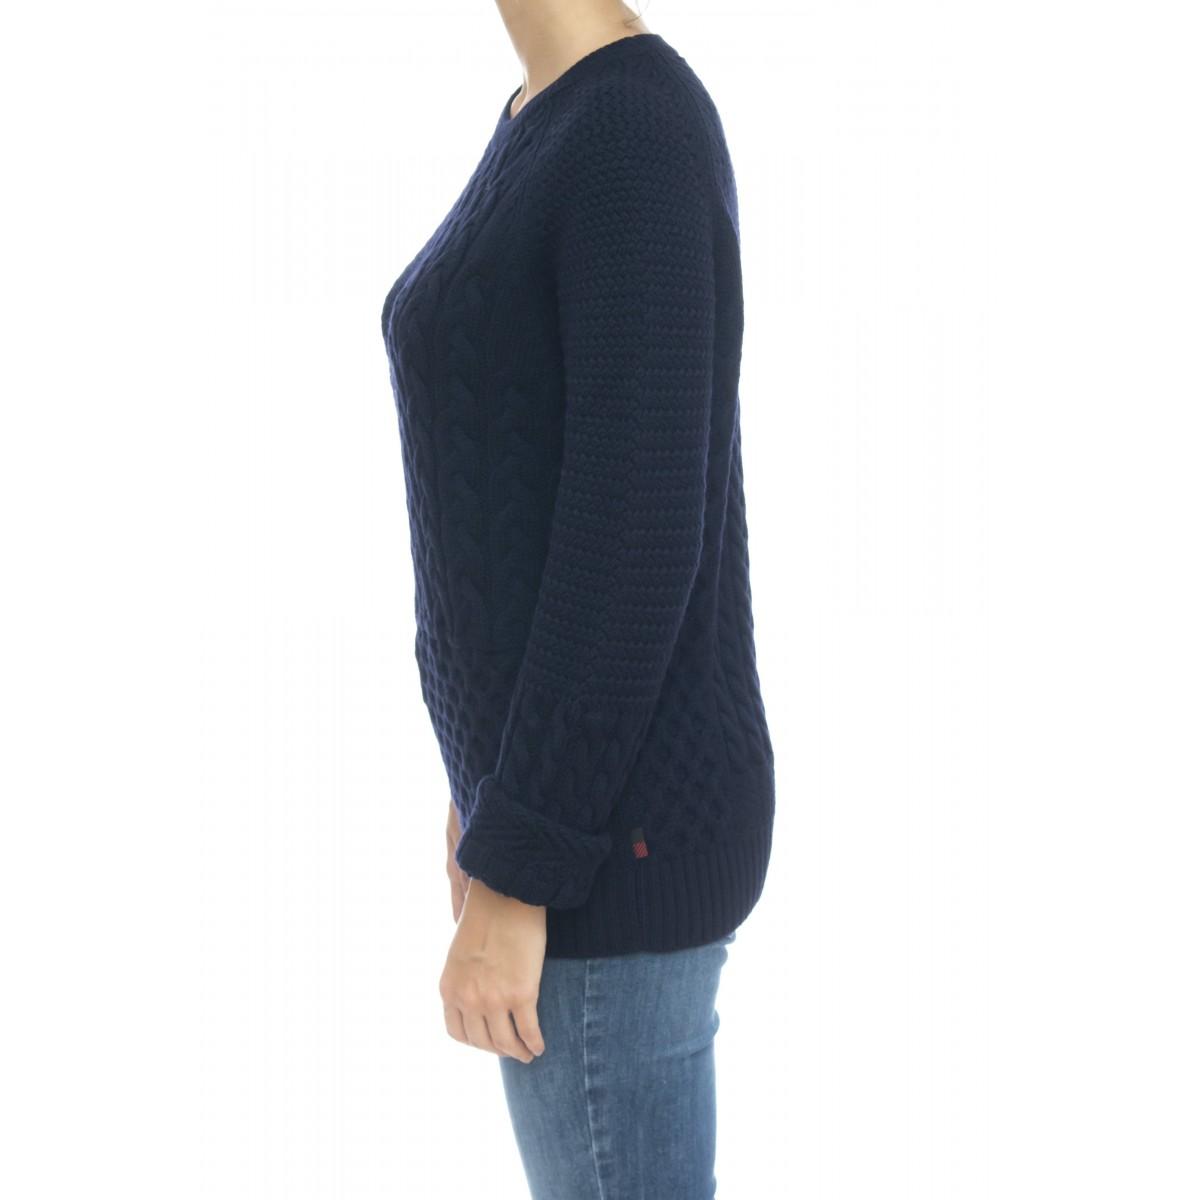 Maglieria - Wwmag1801 maglia treccia 100% merinos